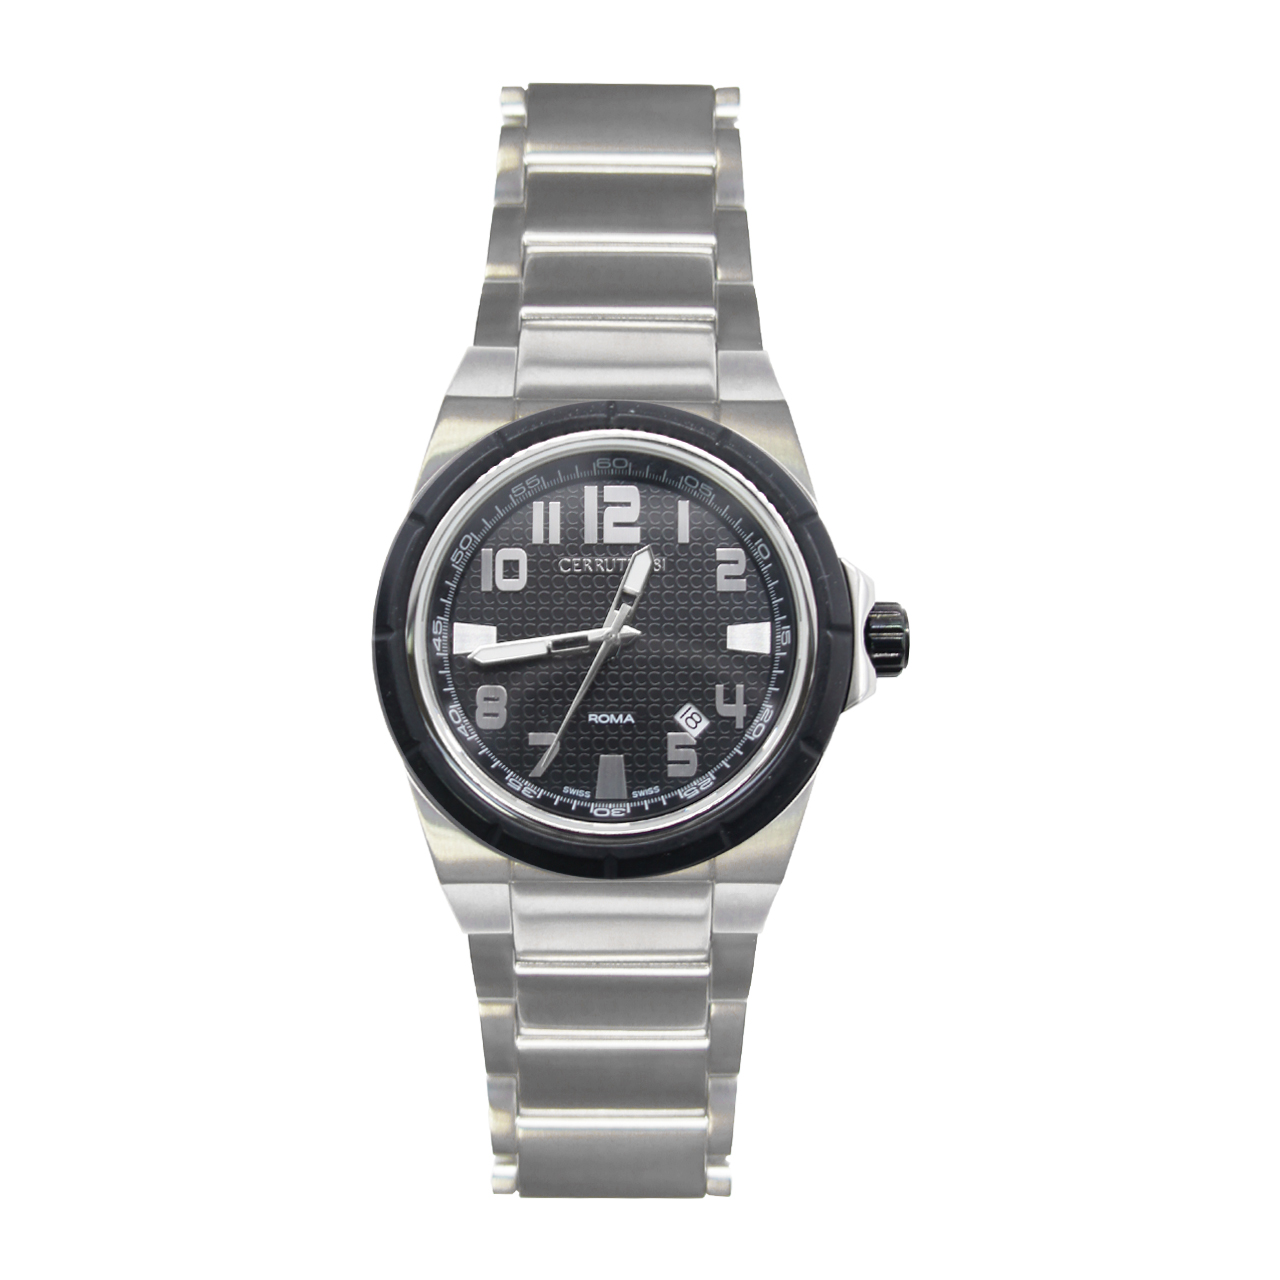 قیمت و خرید                      ساعت مچی عقربهای مردانه چروتی مدل ROMA CT068481009